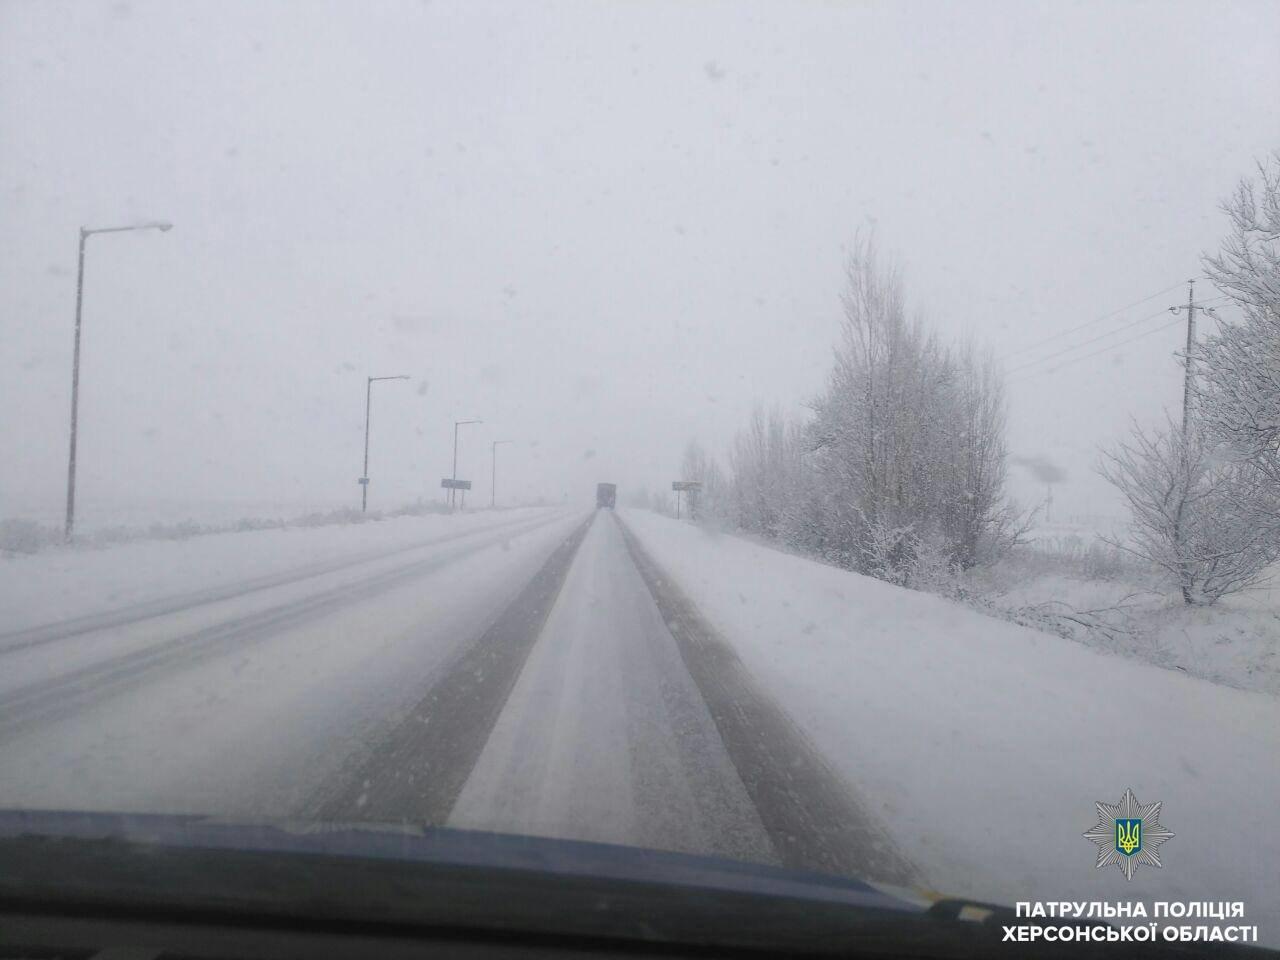 Сложные погодные условия усложнили движение на дорогах Херсонщины, фото-1